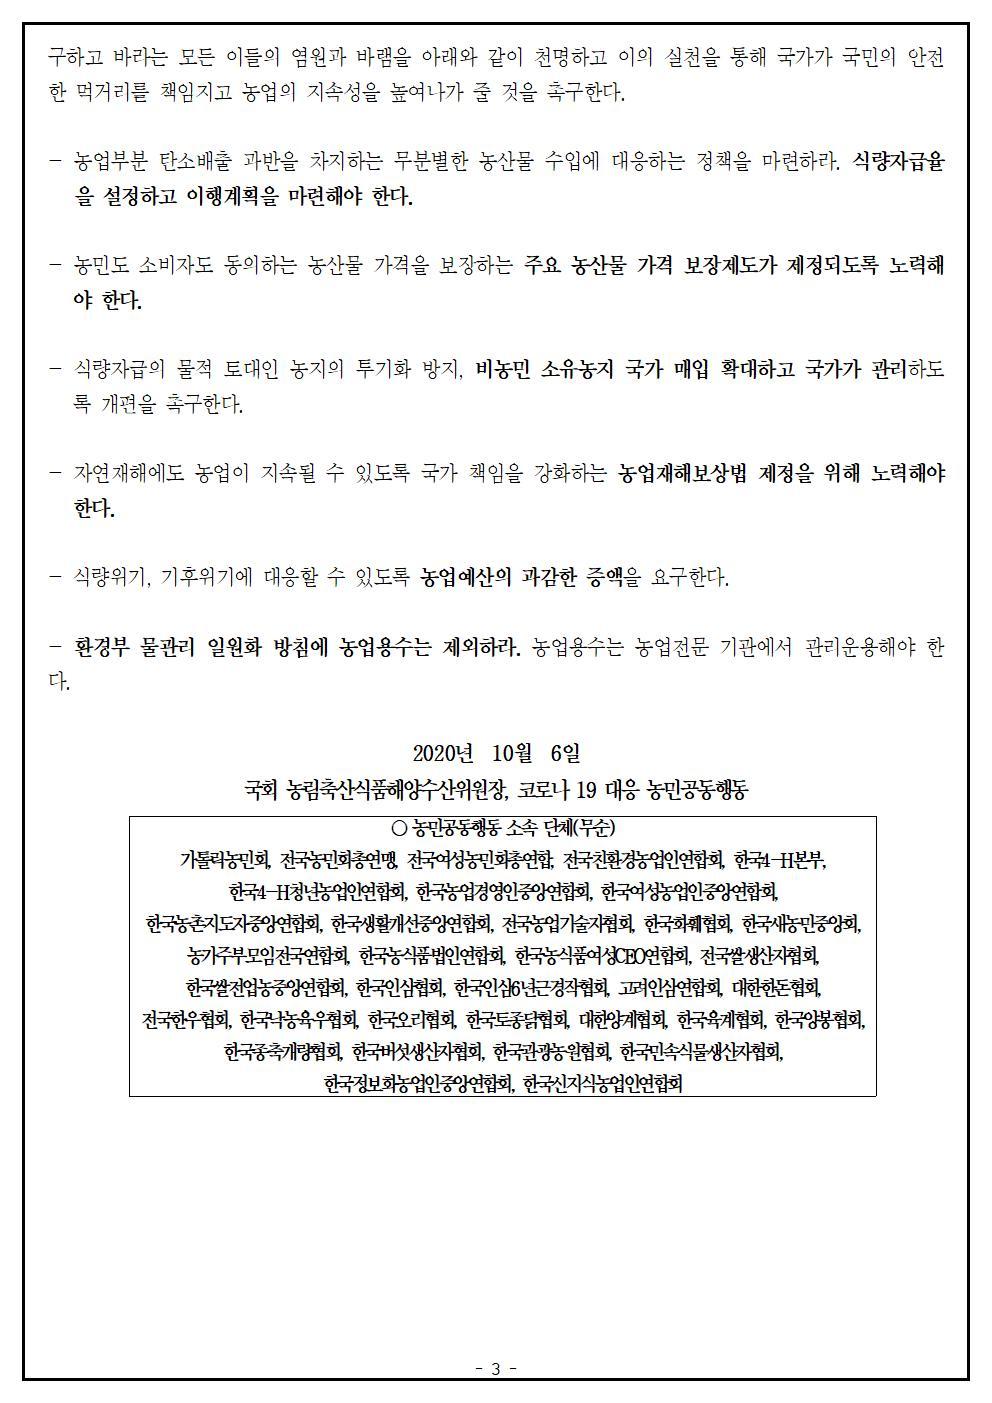 201006 보도자료 농해수위원회와 농민공동행동 입장문003.jpg